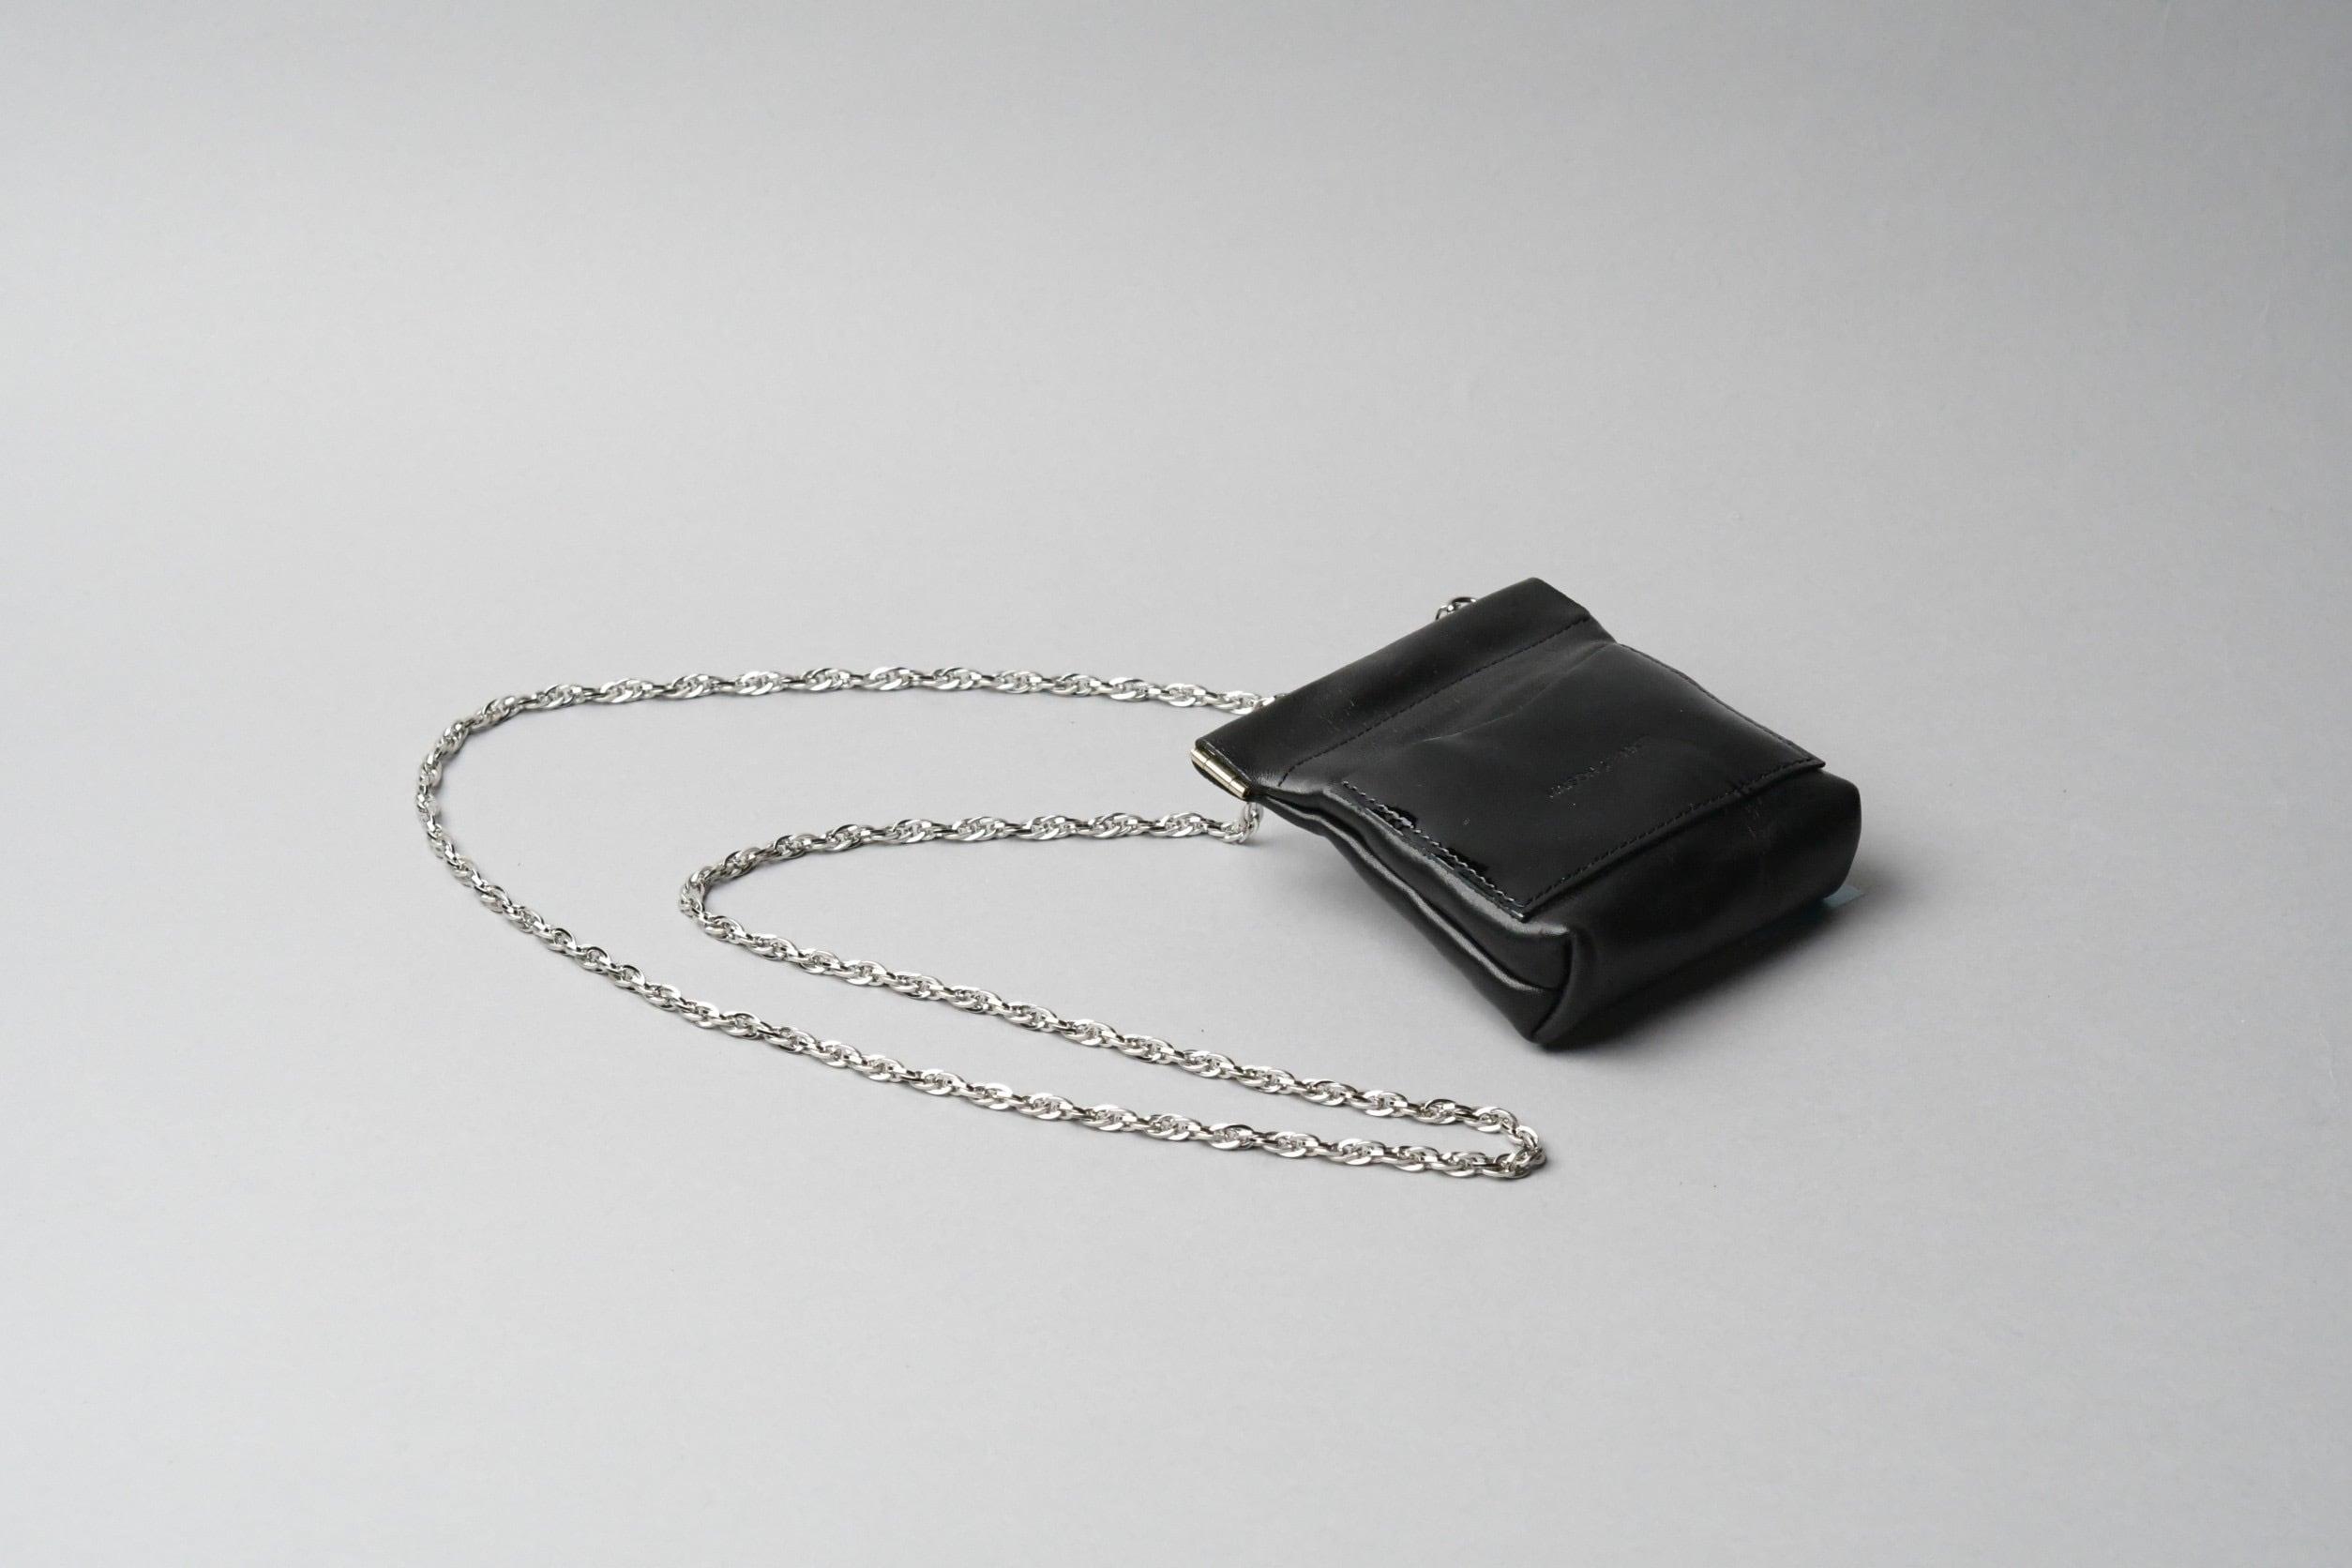 ワンタッチ・コインケース long ■ブラック・エナメルブラック■ - 画像1